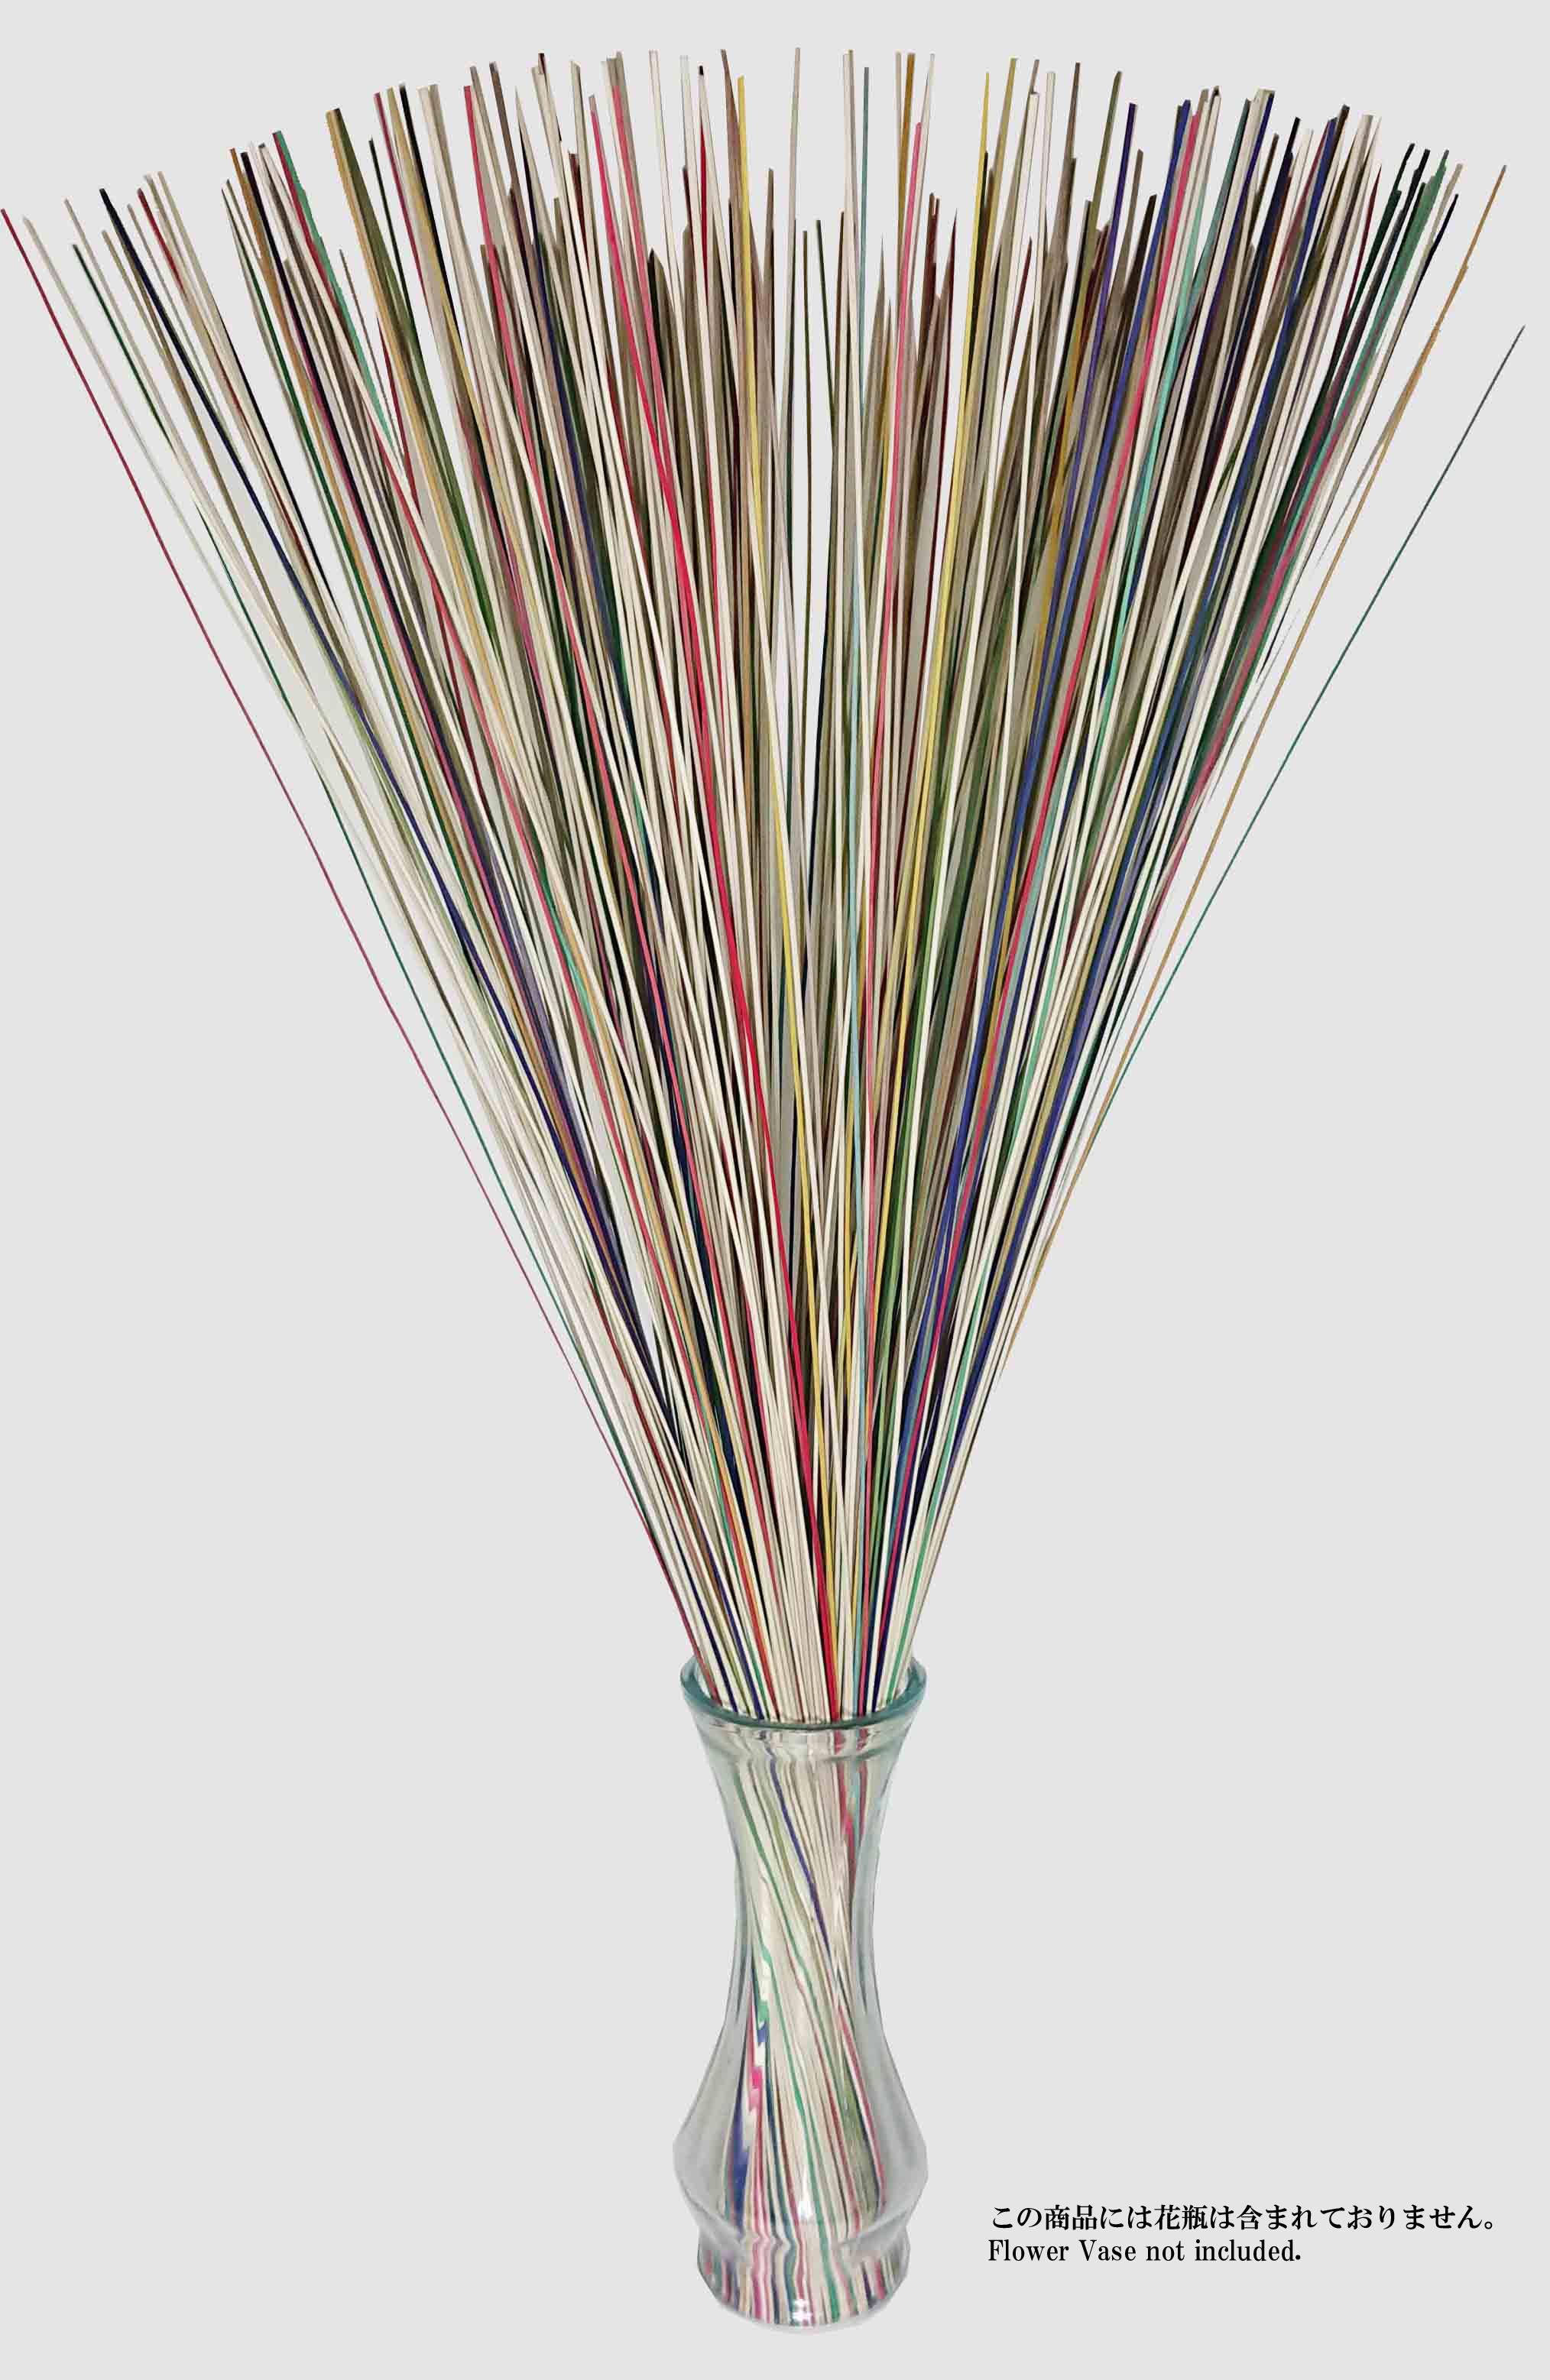 【イ草フラワー 全カラー】Rush Grass Flower Mixed 70cm